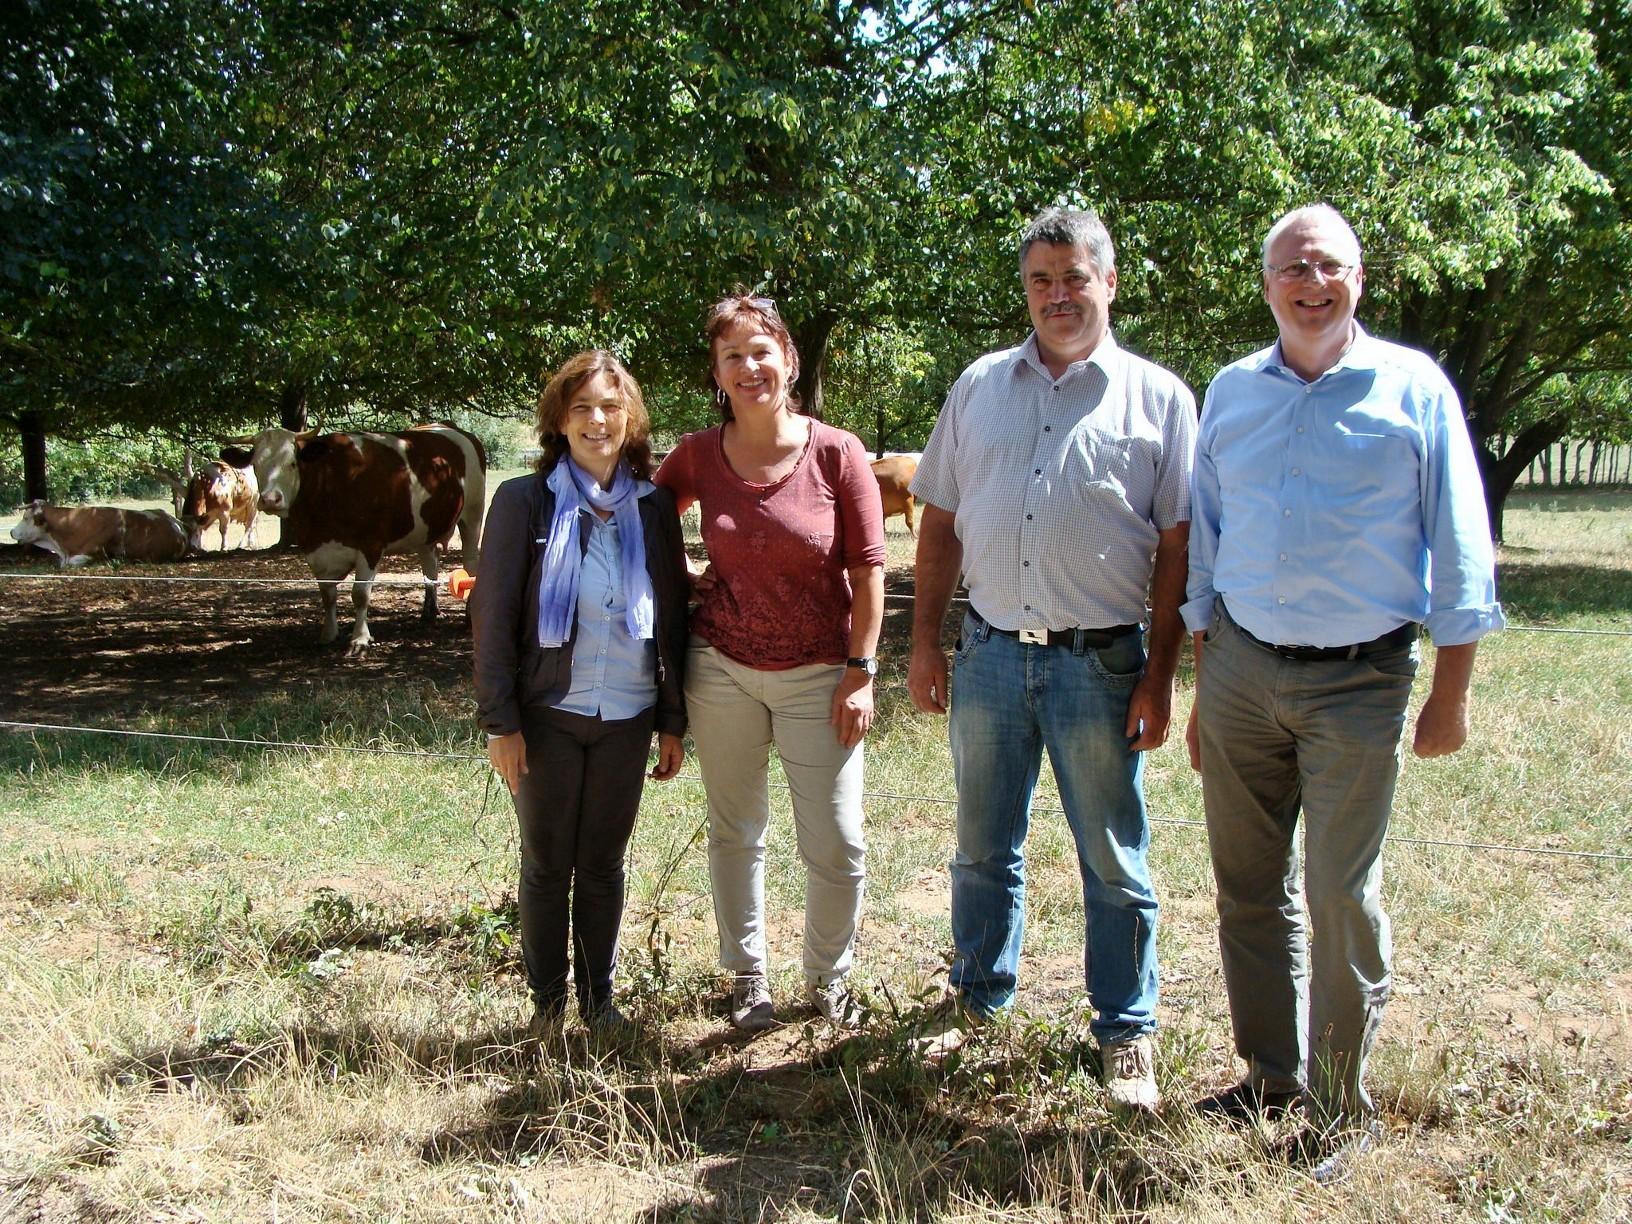 Auf dem Foto von links nach rechts: Kerstin Celina, MdL; Gisela Sengl, MdL; Johannes Keidel Biobauer; Gerhard Kraft, Mitarbeiter von Kerstin Celina